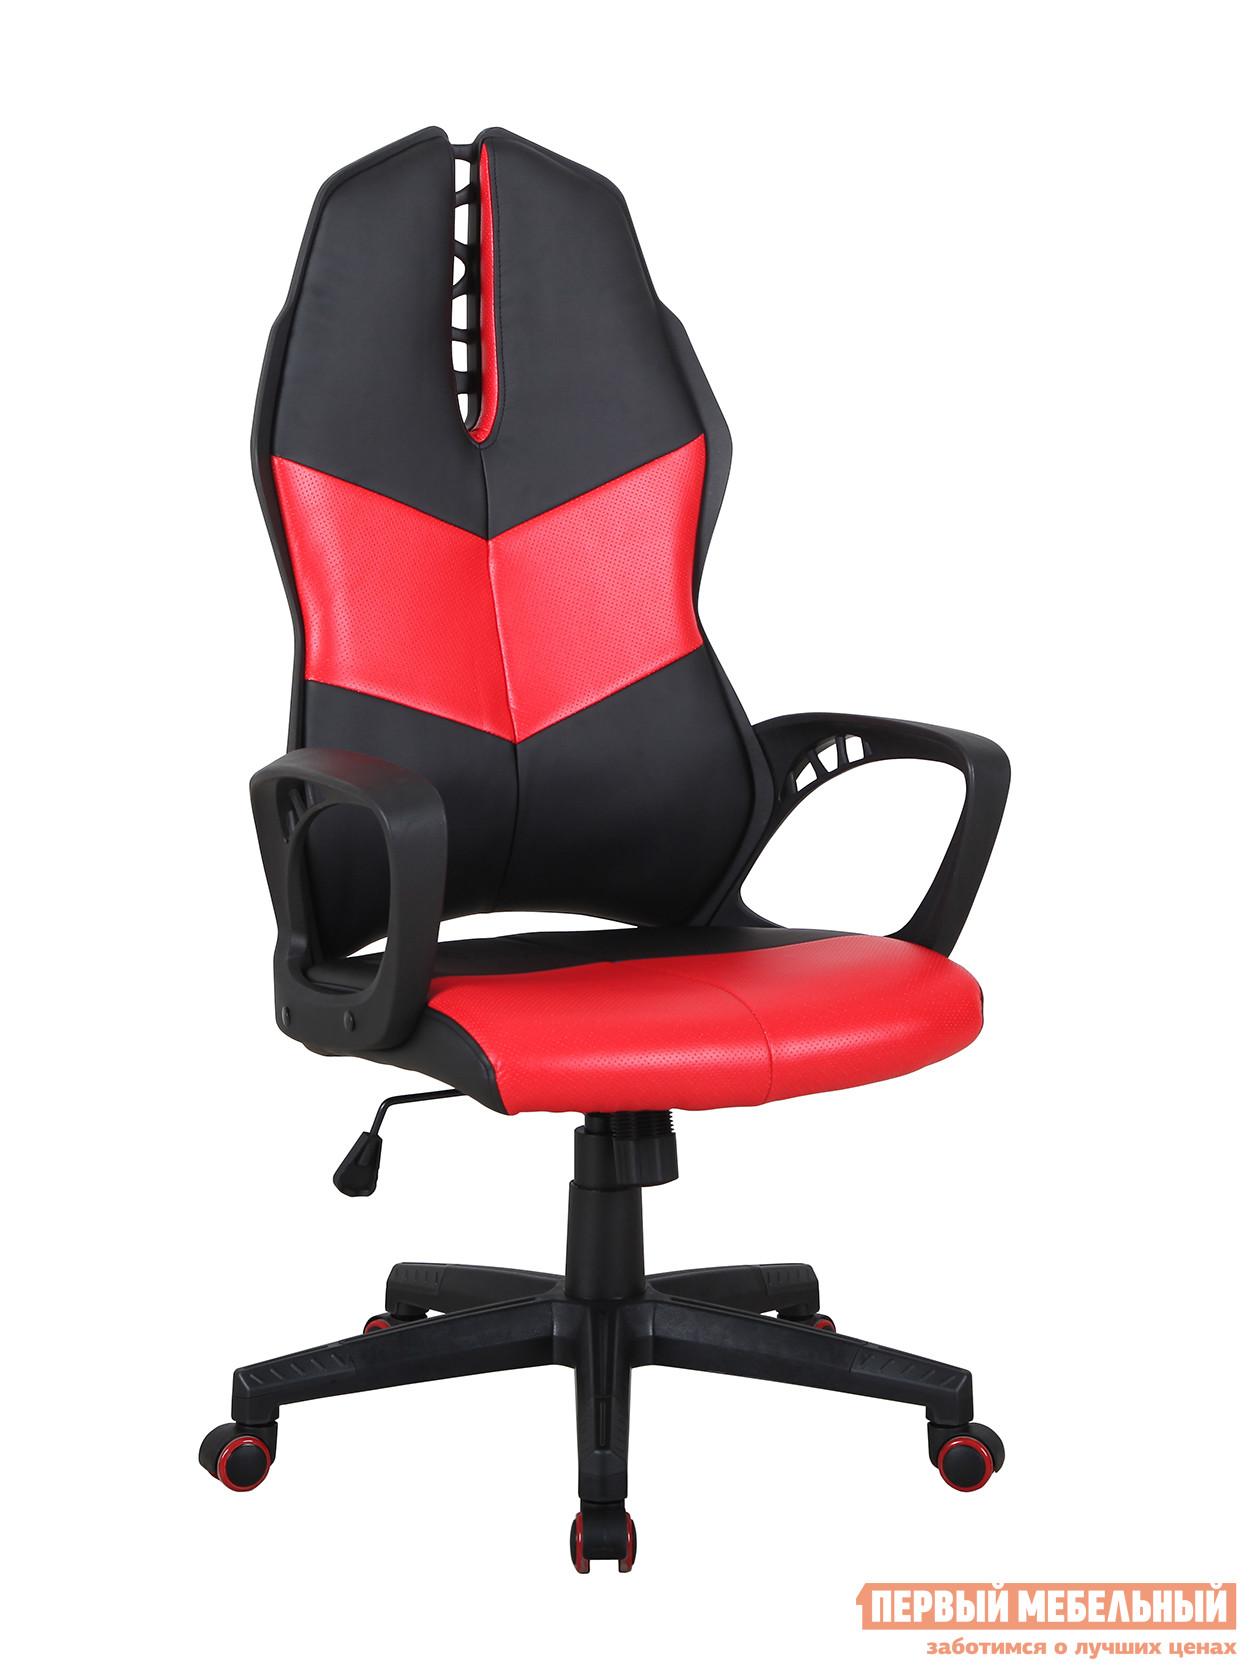 Игровое кресло Tetchair iWheel кресло игровое tetchair ibat